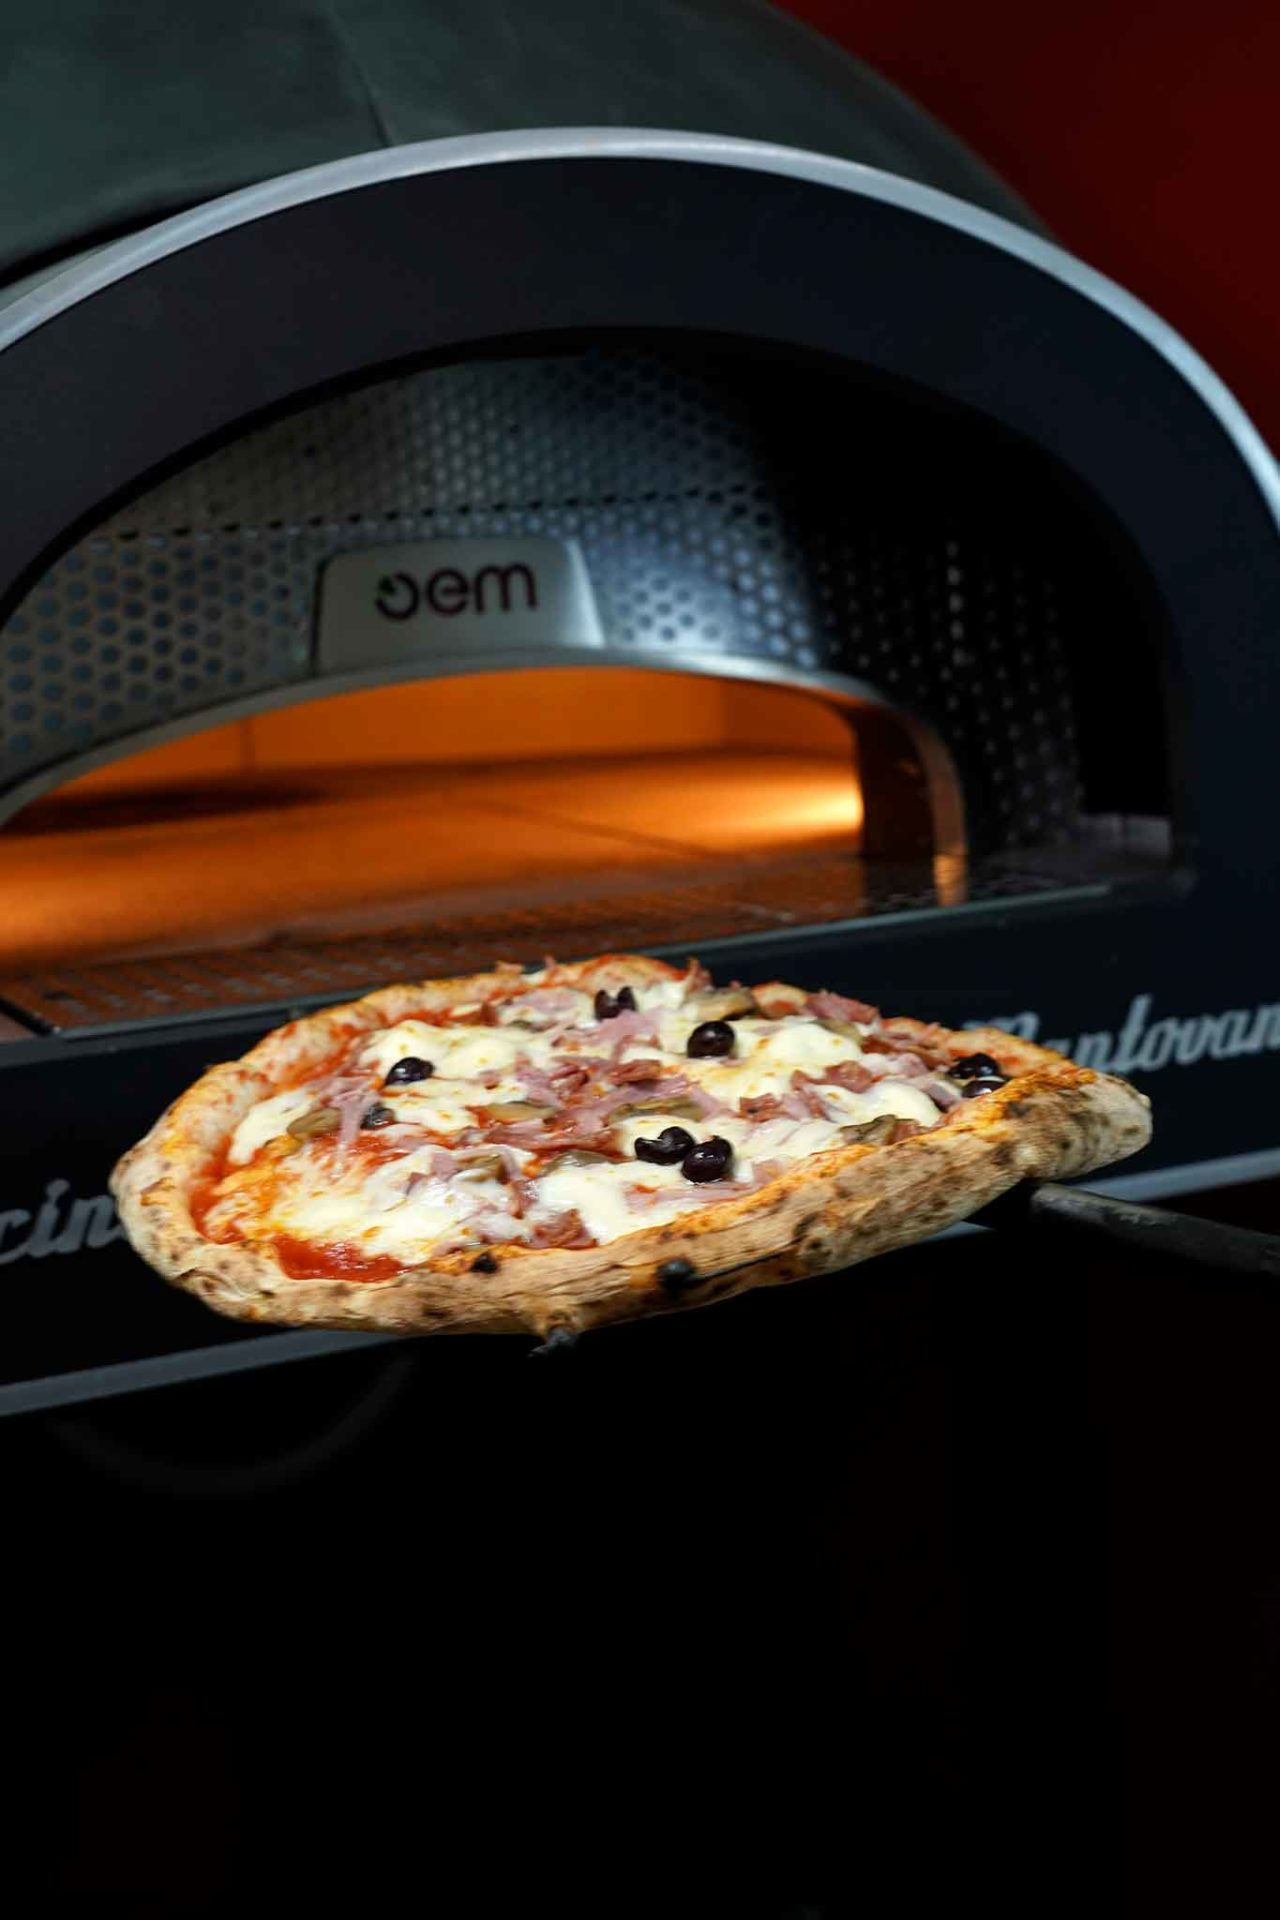 pizza capricciosa forno elettrico Dome OEM Gina Pizza Portici